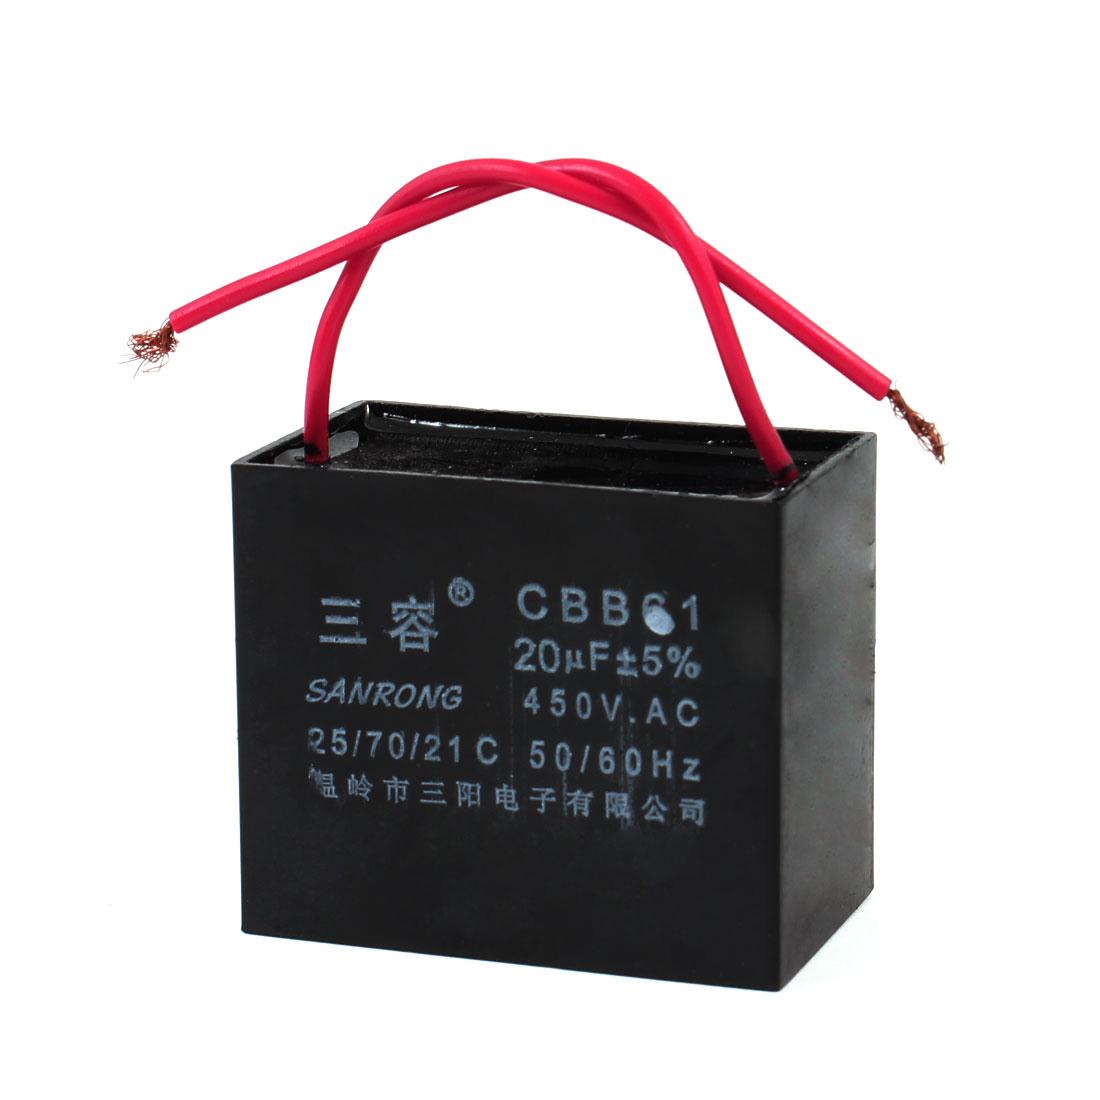 CBB61 20uF AC 450V Rectangle Non Polar Motor Running Capacitor